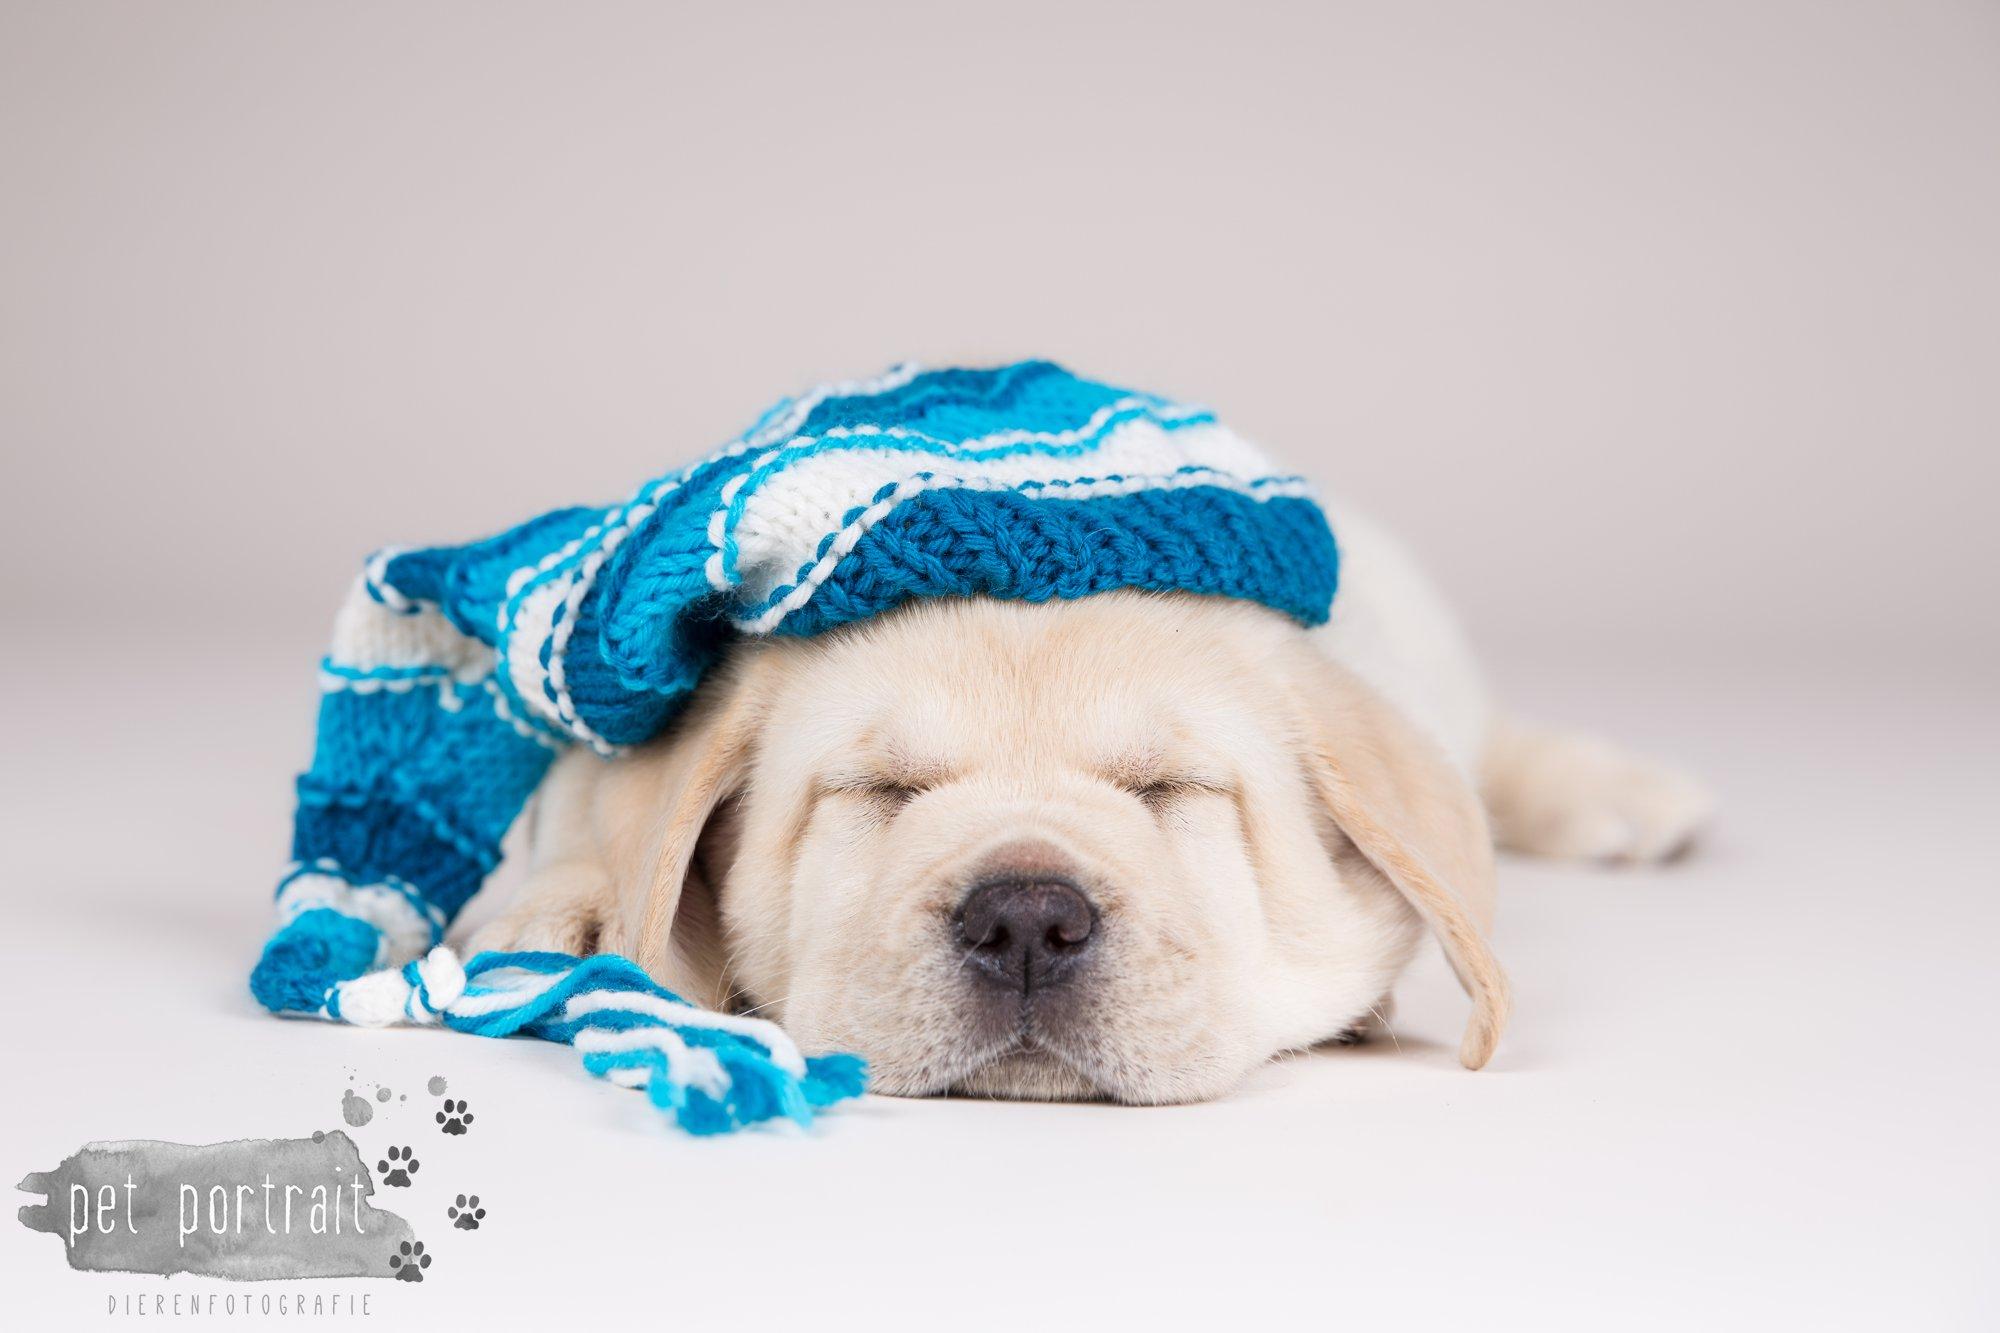 Hondenfotograaf Hillegom - Nestfotoshoot voor Labrador pups-2